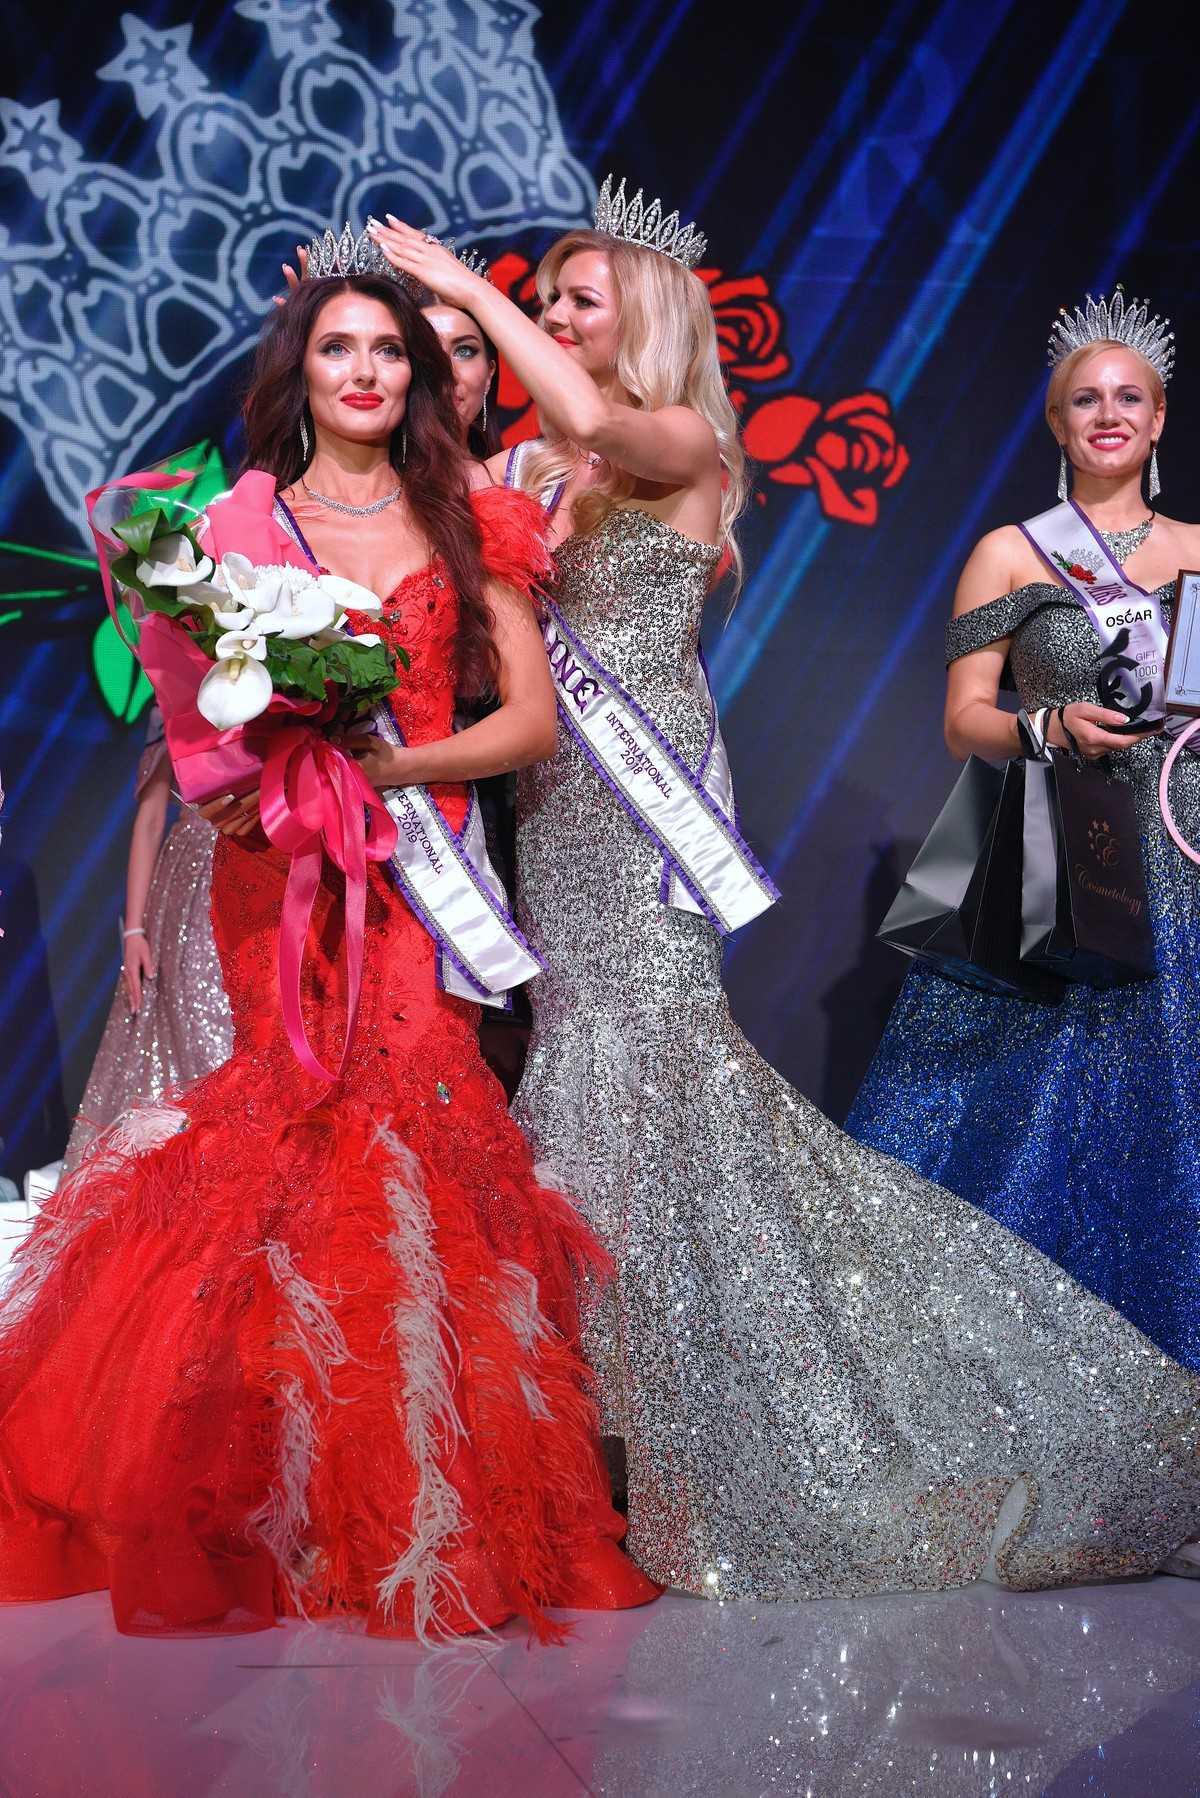 Невестка Поплавского победила в конкурсе Mrs. International-2019, который пройдет в США 3